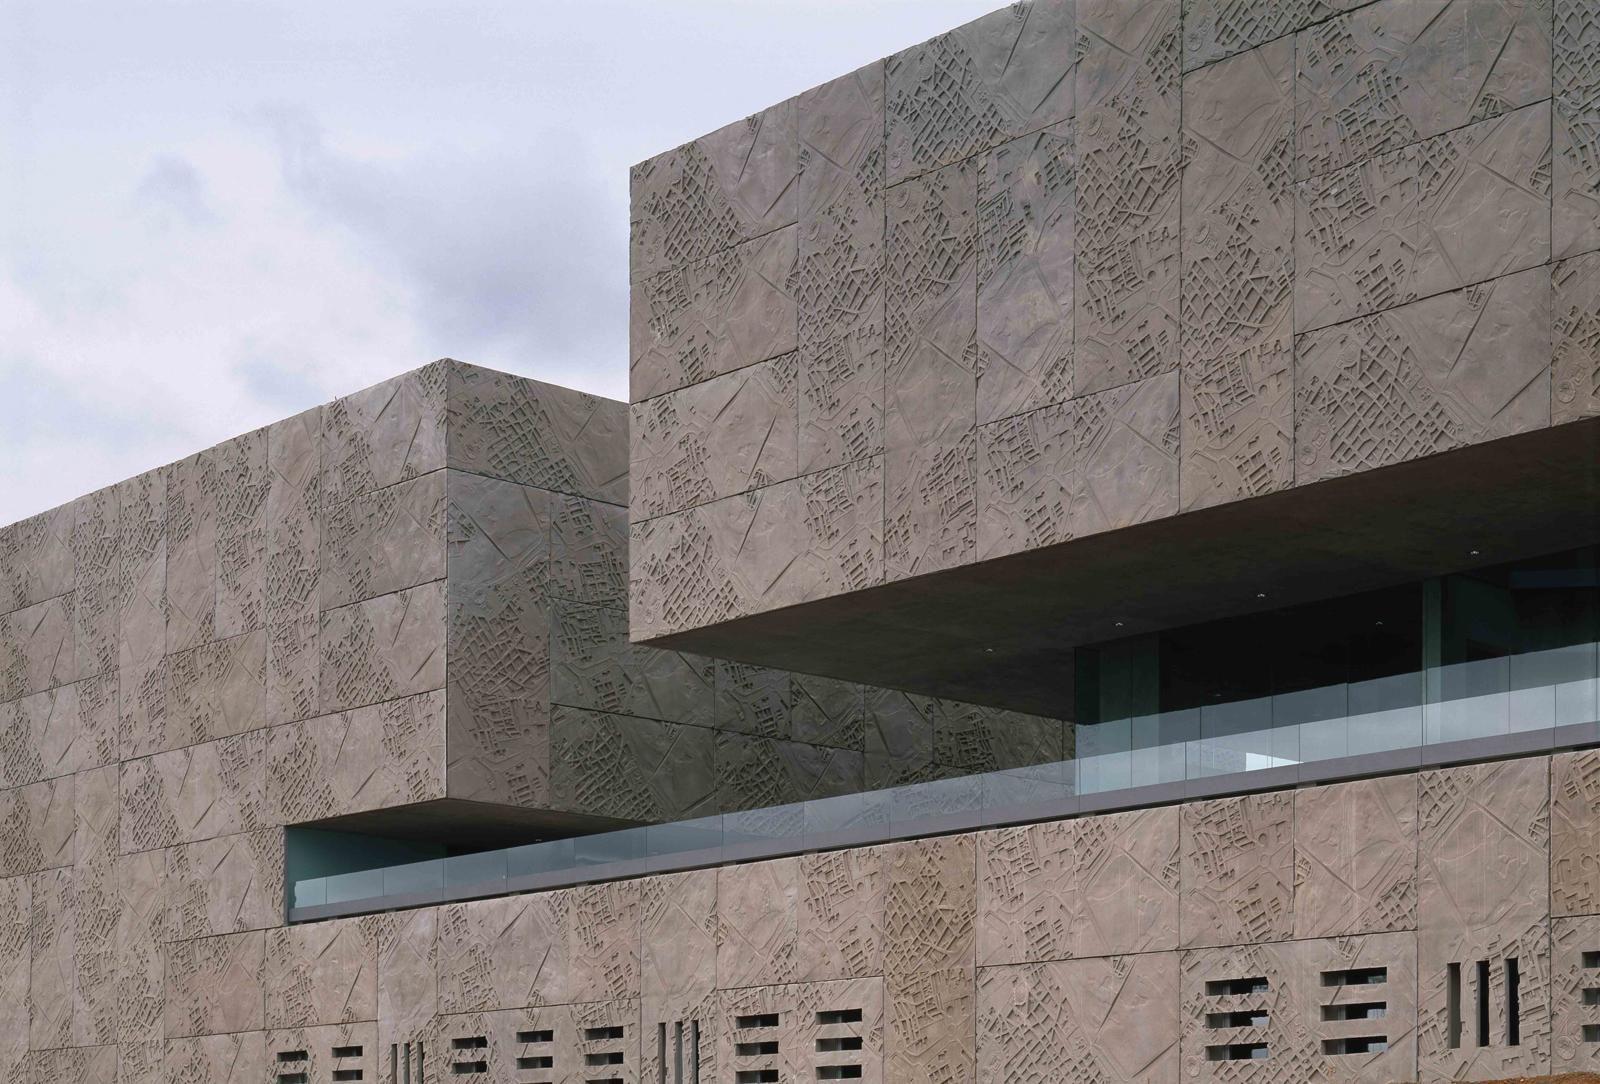 Auditorio y Palacio de Congresos Mérida 2004